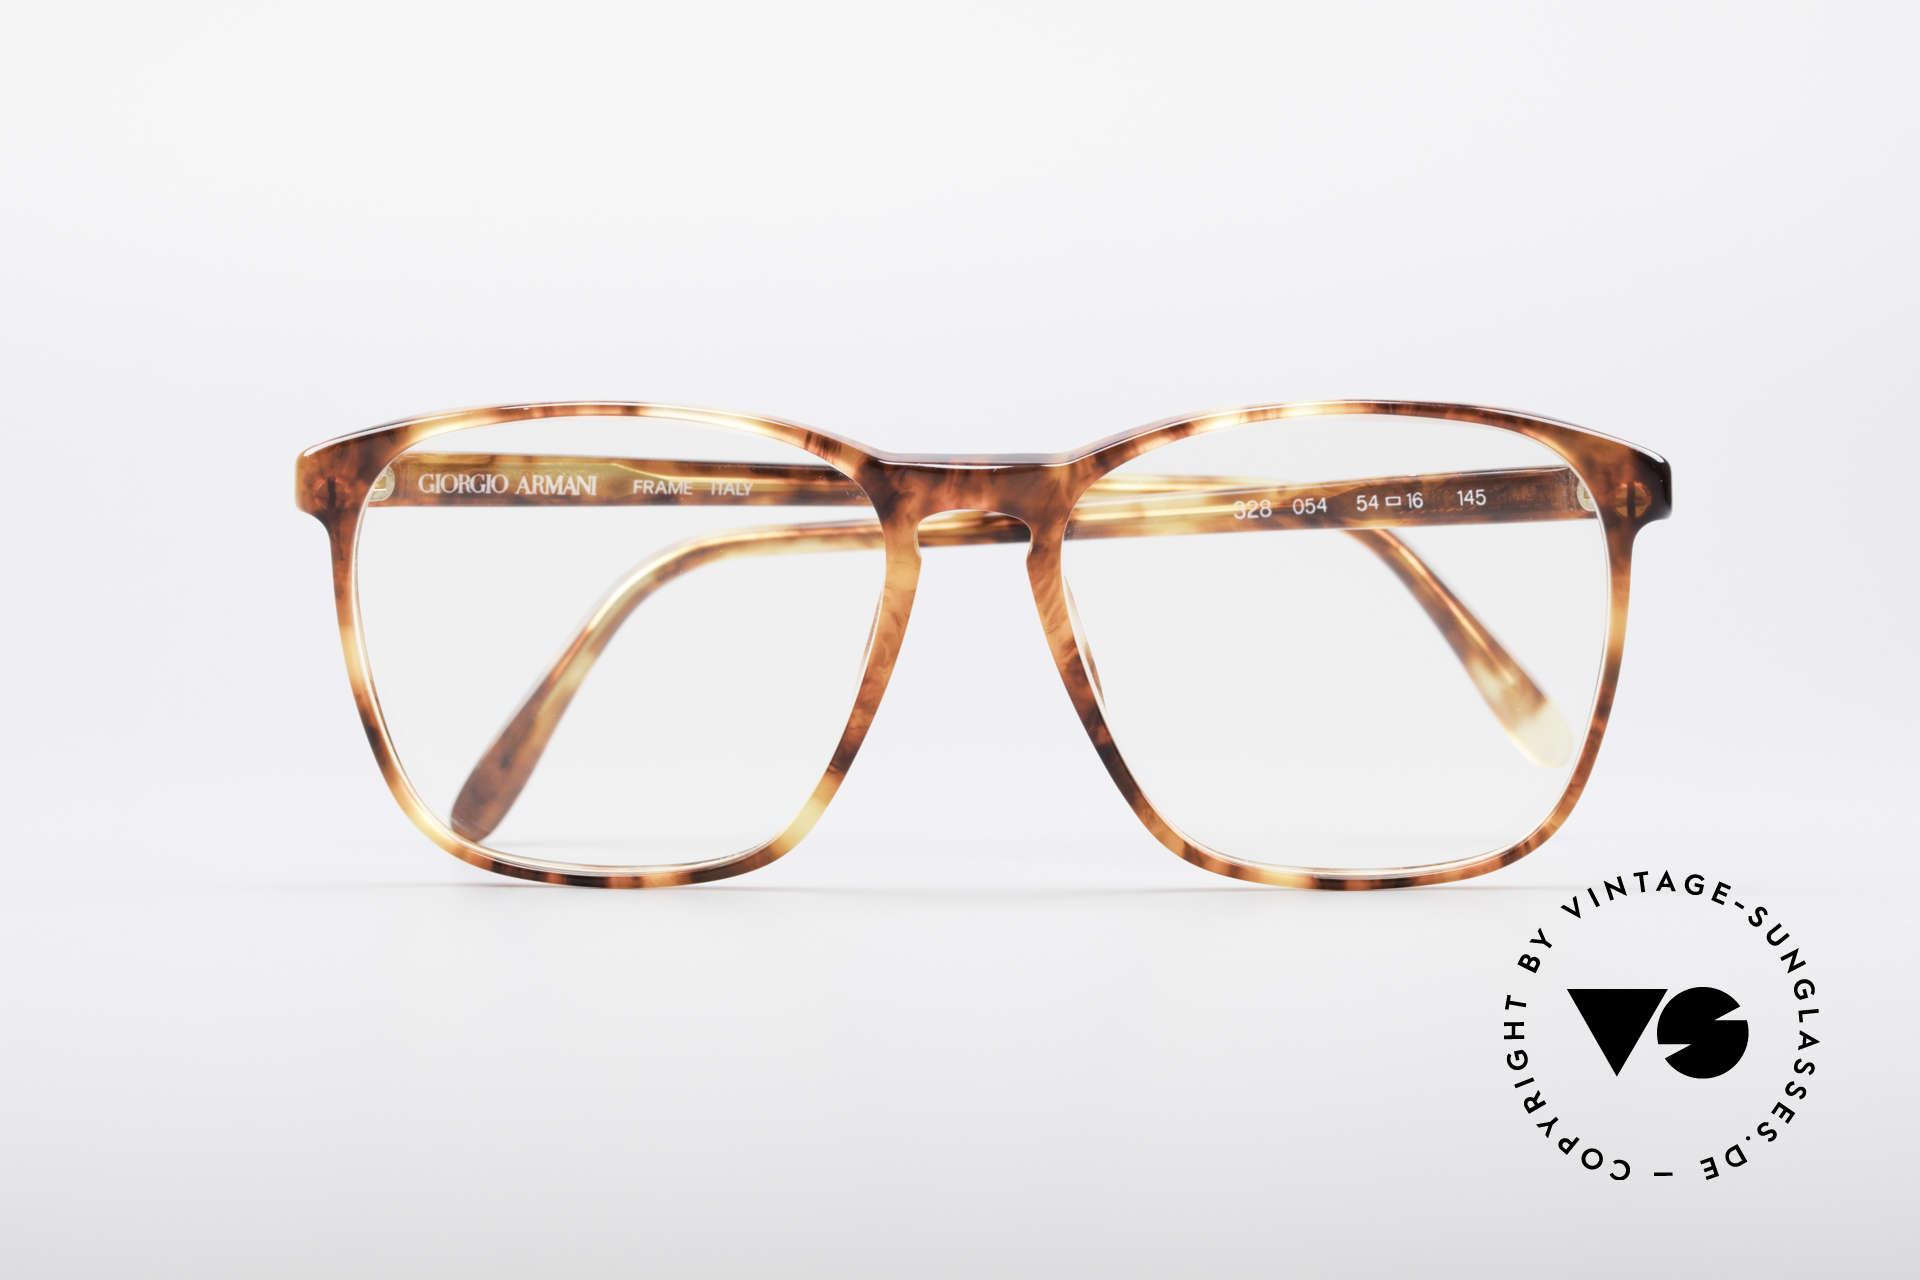 Giorgio Armani 328 True Vintage Designer Glasses, NO RETRO frame, but a rare 30 years old ORIGINAL, Made for Men